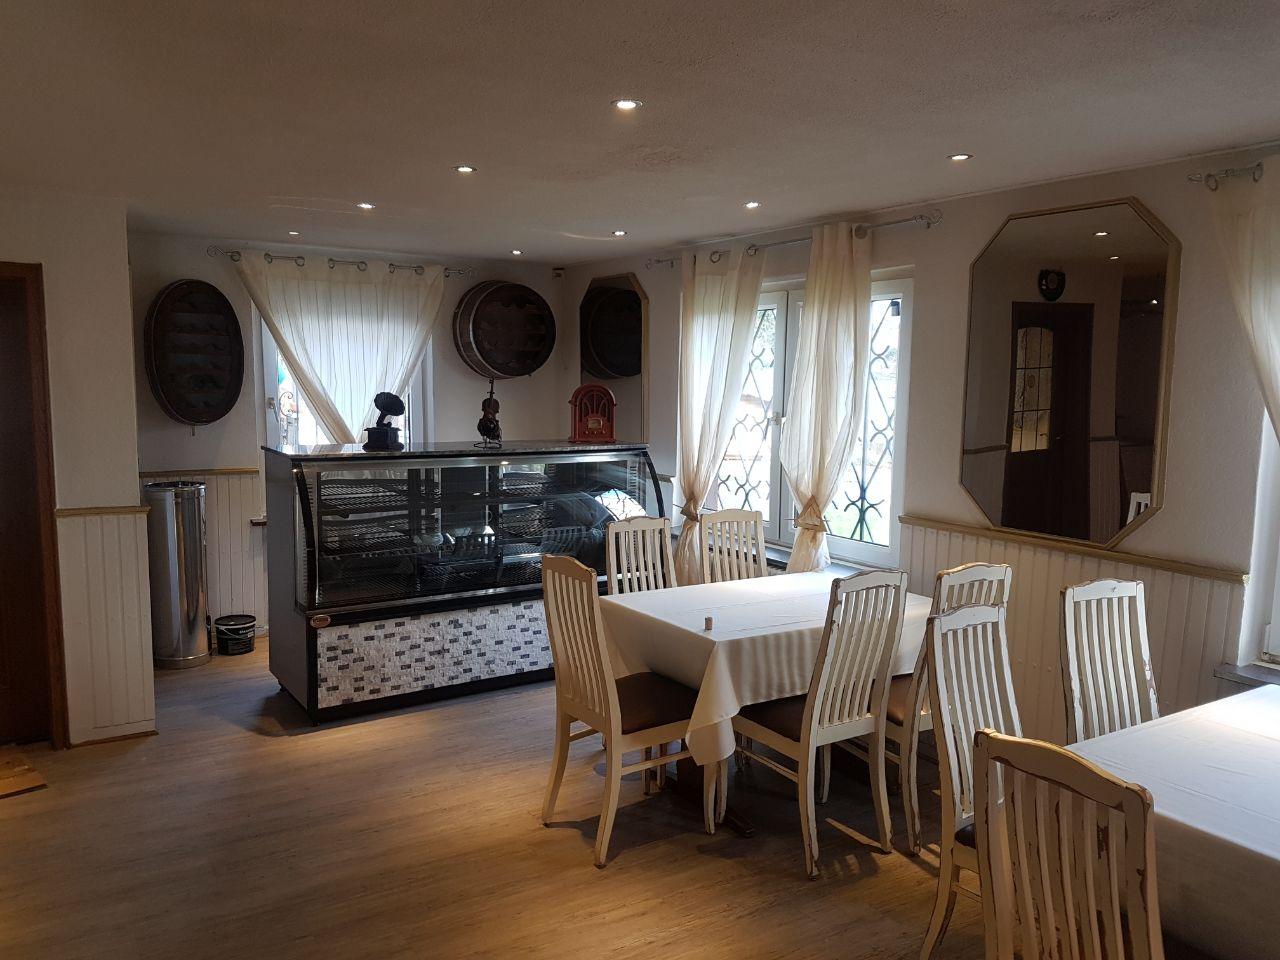 grammophon dortmund restaurant